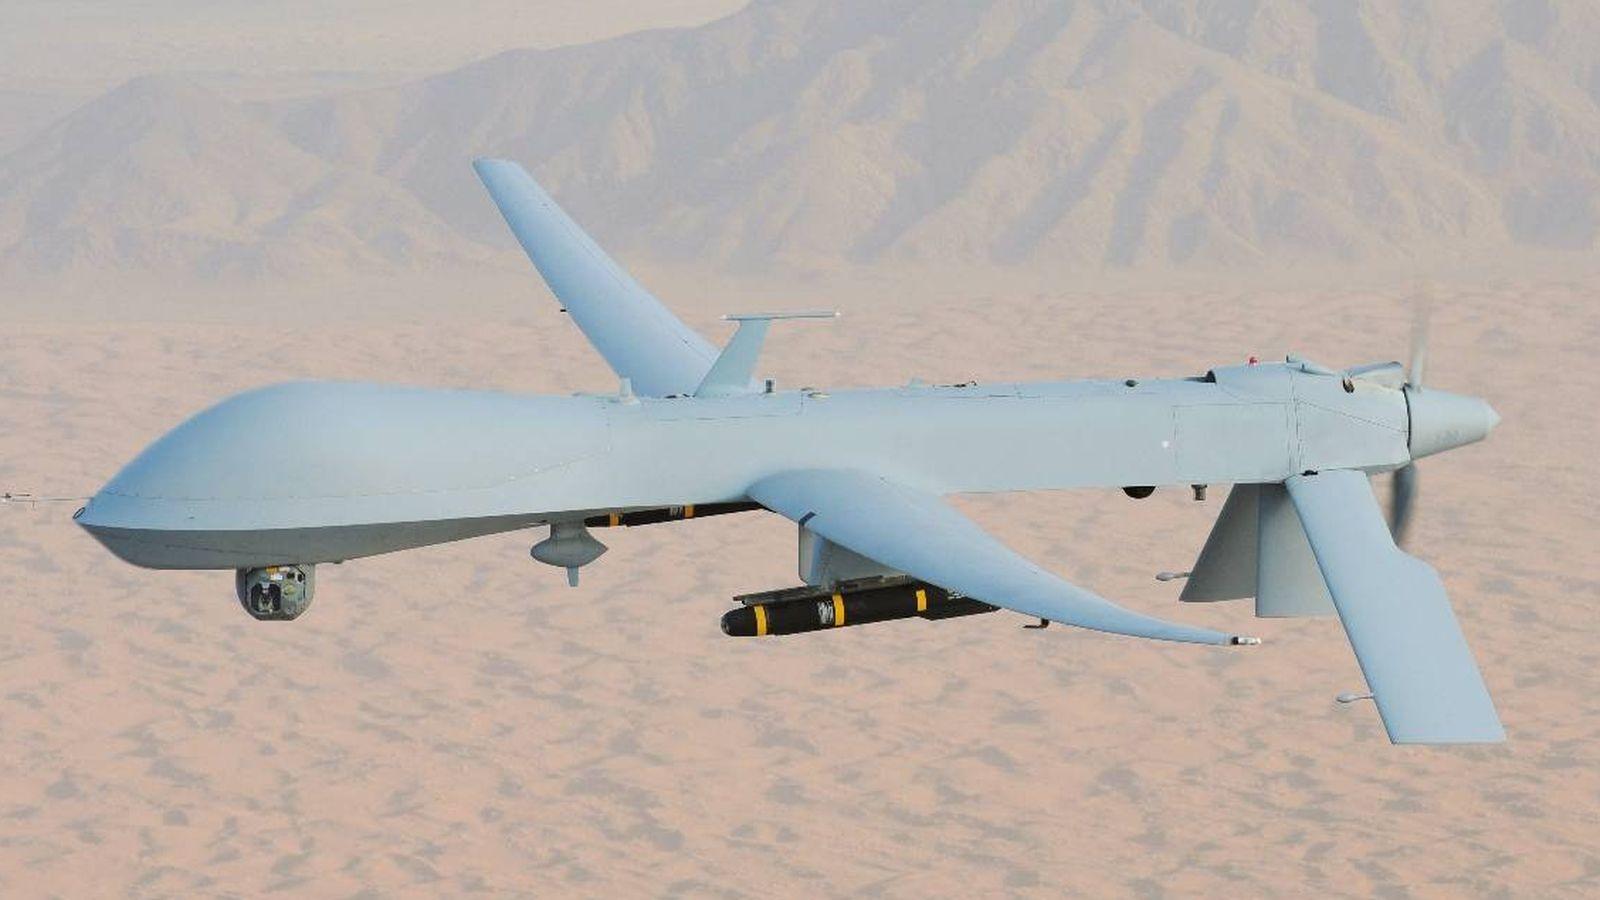 Foto: Los ejércitos disponen de armas cada vez más automatizadas y muchos expertos ya se plantean si hay que establecer límites (Fuente: Wikimedia Commons)